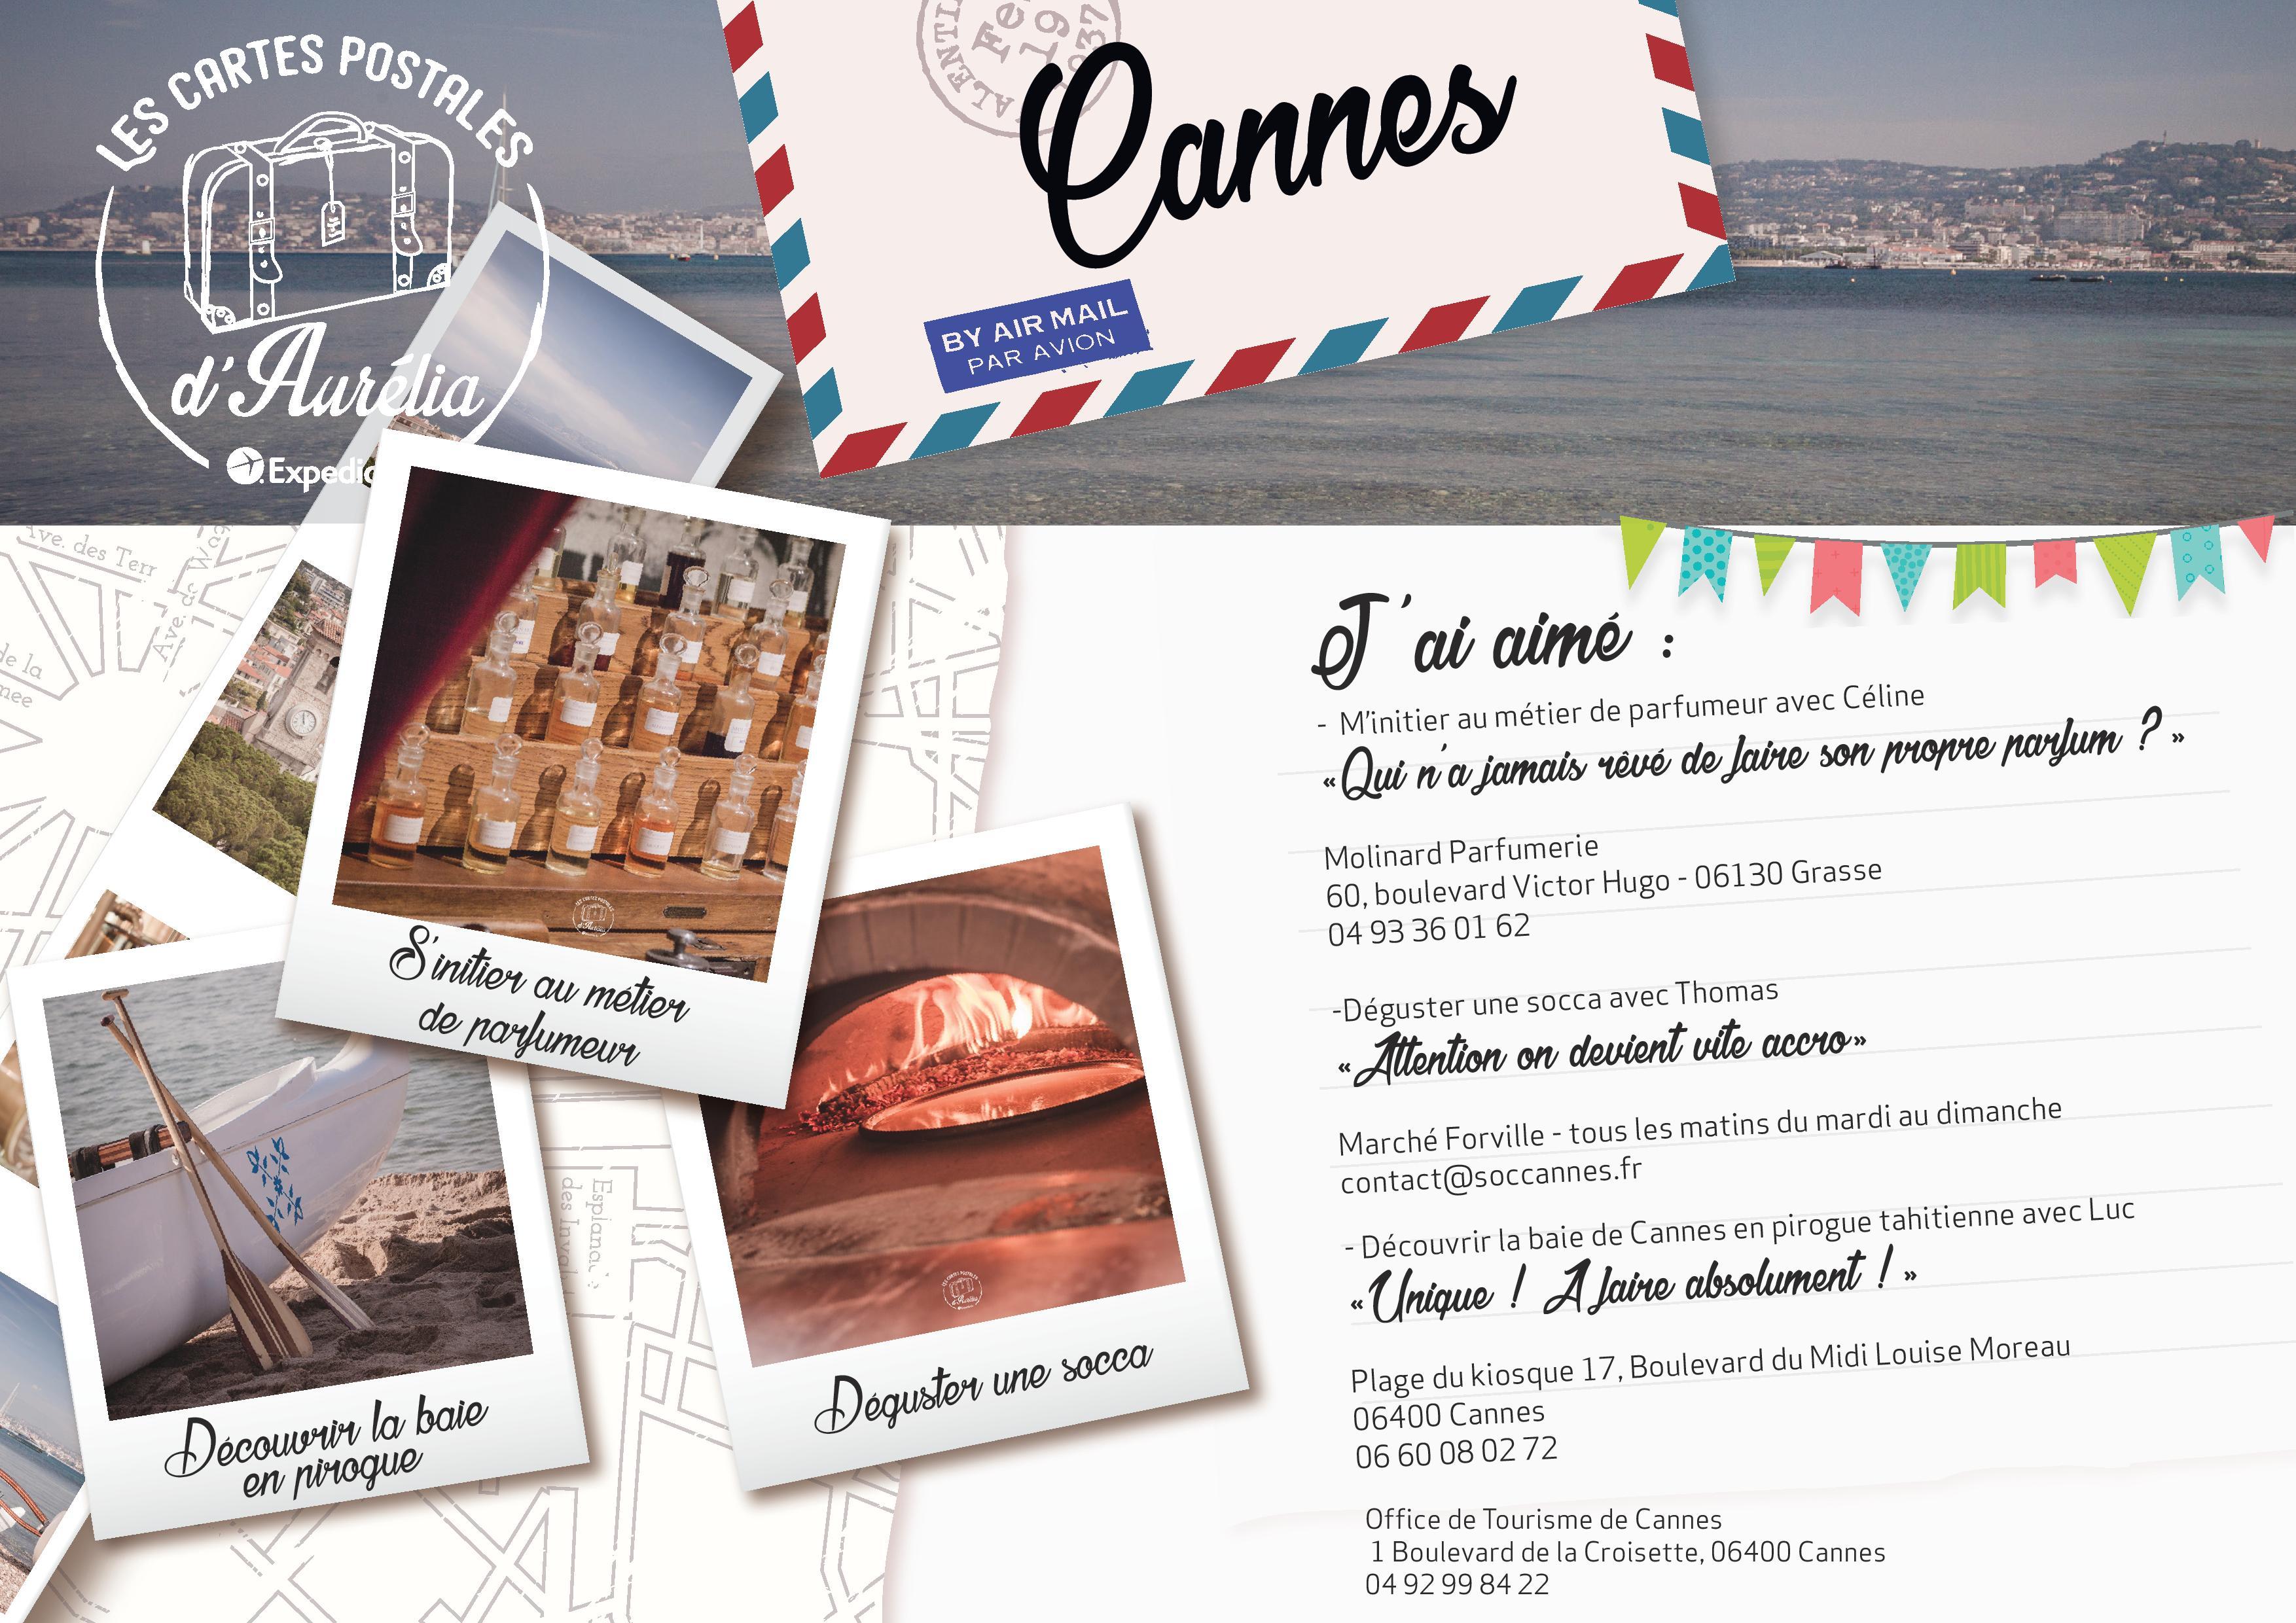 BrochureCANNES-page-001.jpg?1556103941